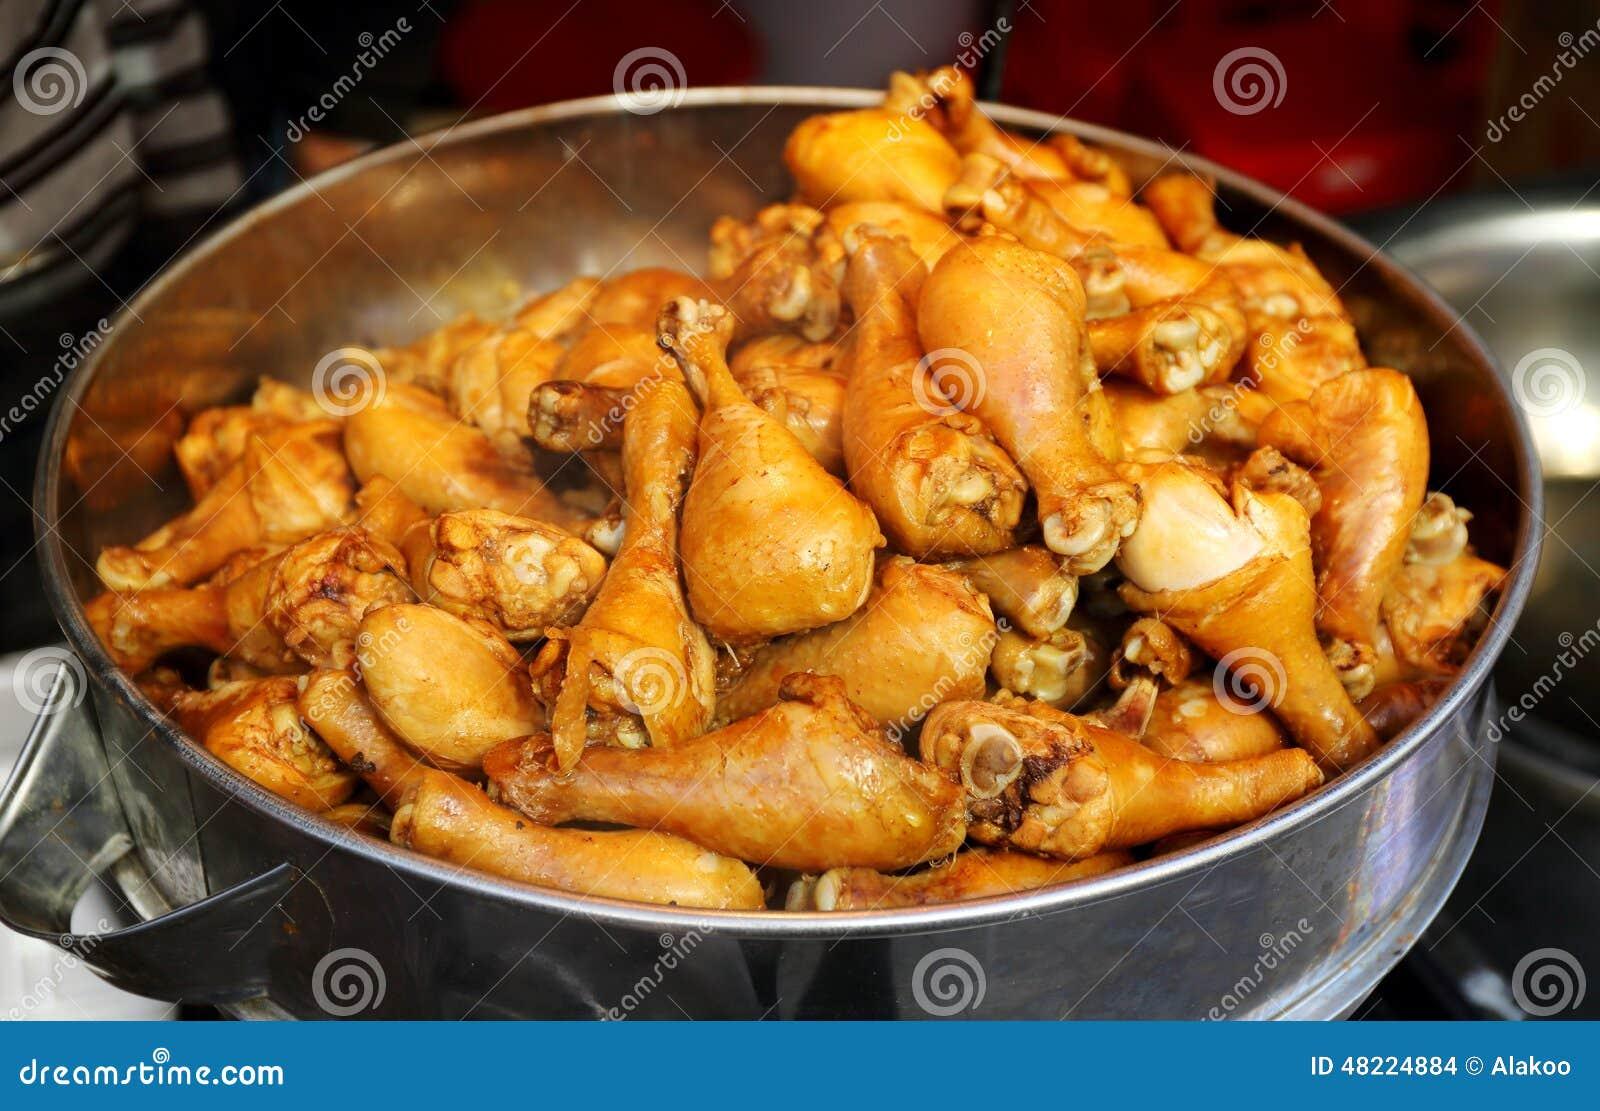 Spiced Kurczak Noga Egzotyczna Azjatycka Chińska Kuchnia